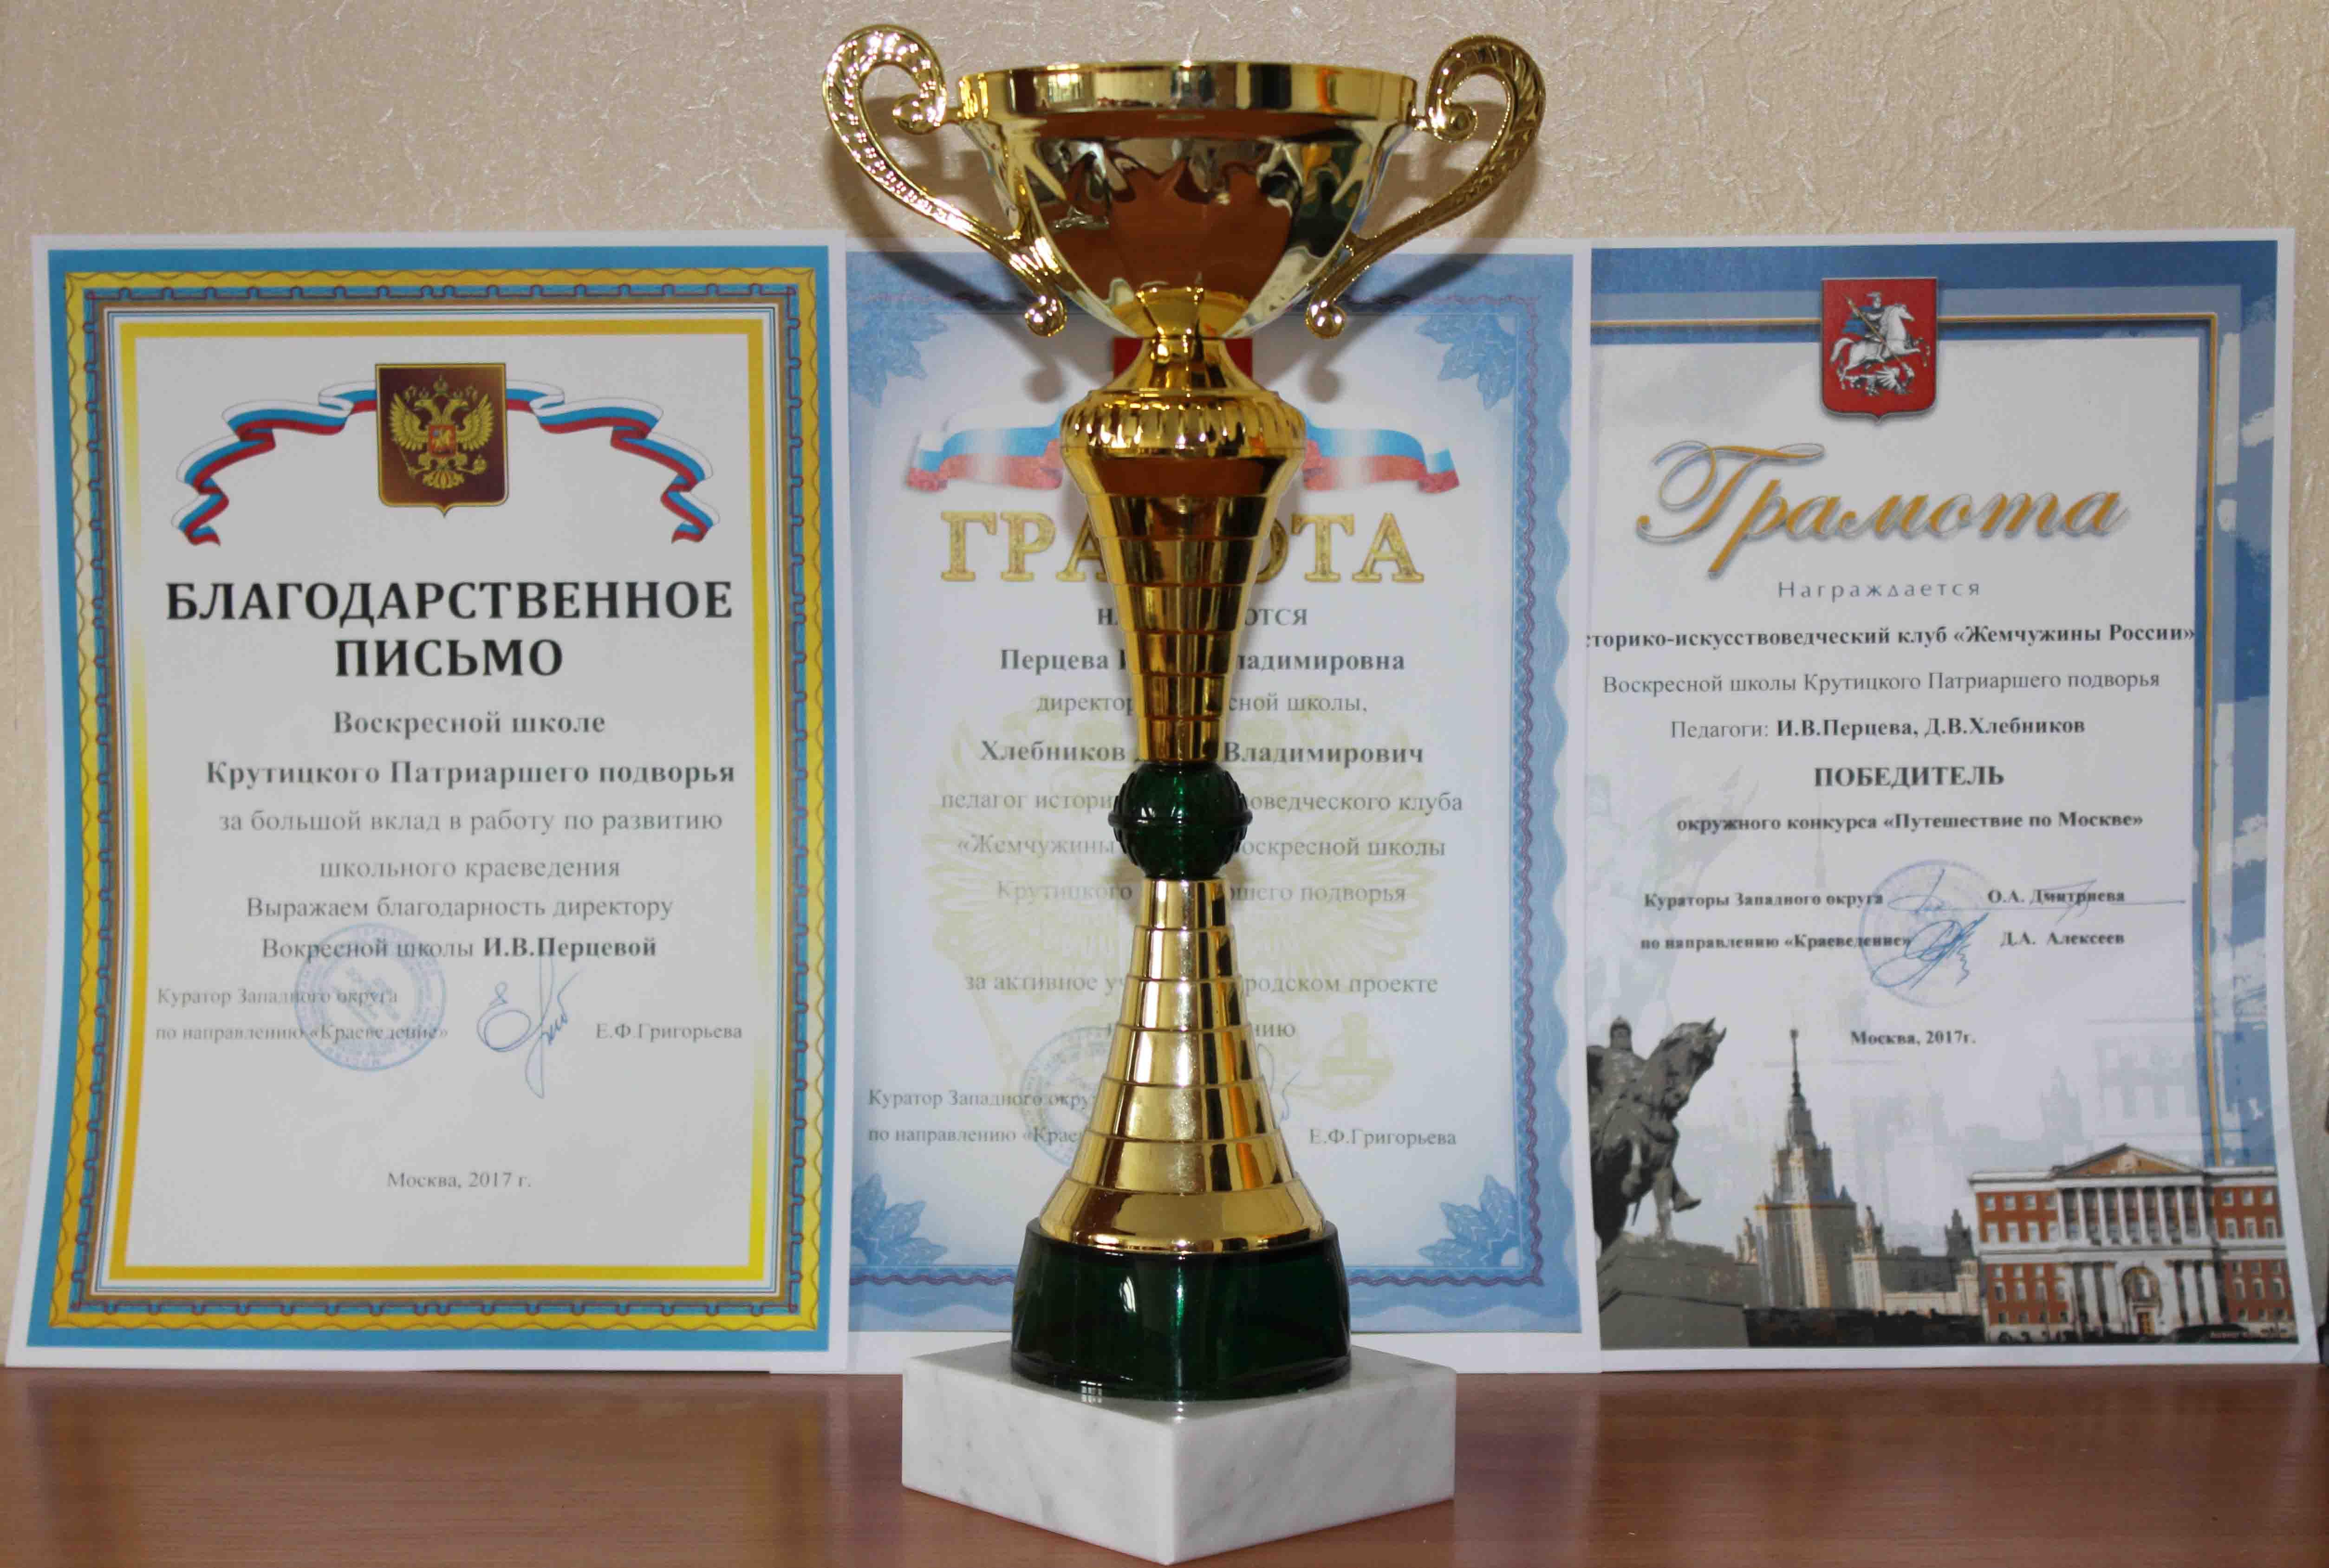 Победа на конкурсе «Путешествие по Москве»